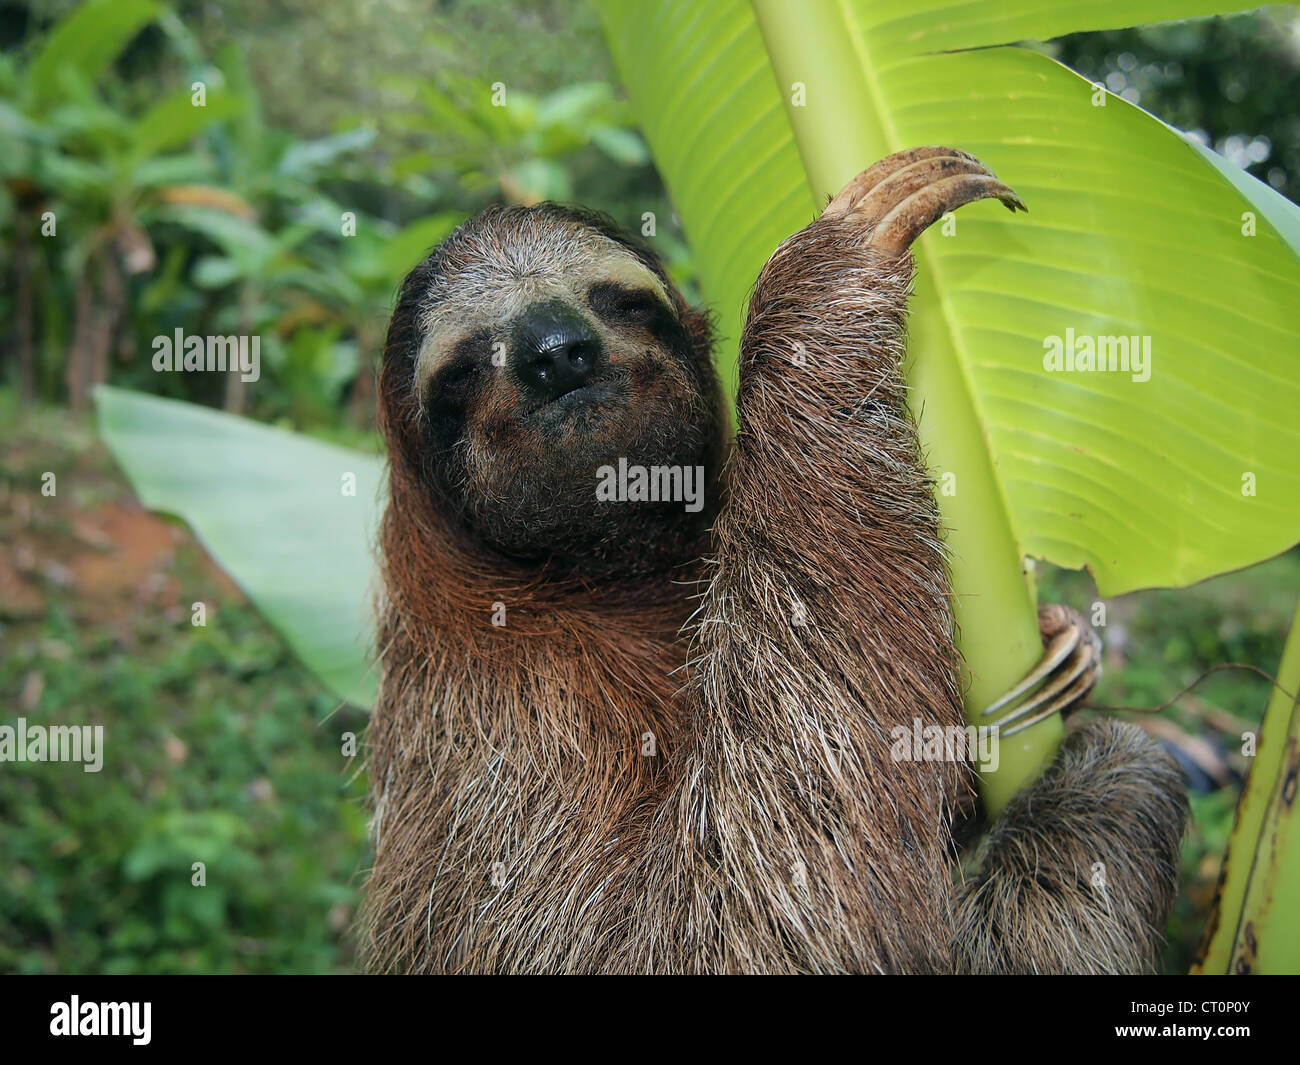 Perezoso de tres dedos en un árbol de plátano, Costa Rica Foto de stock